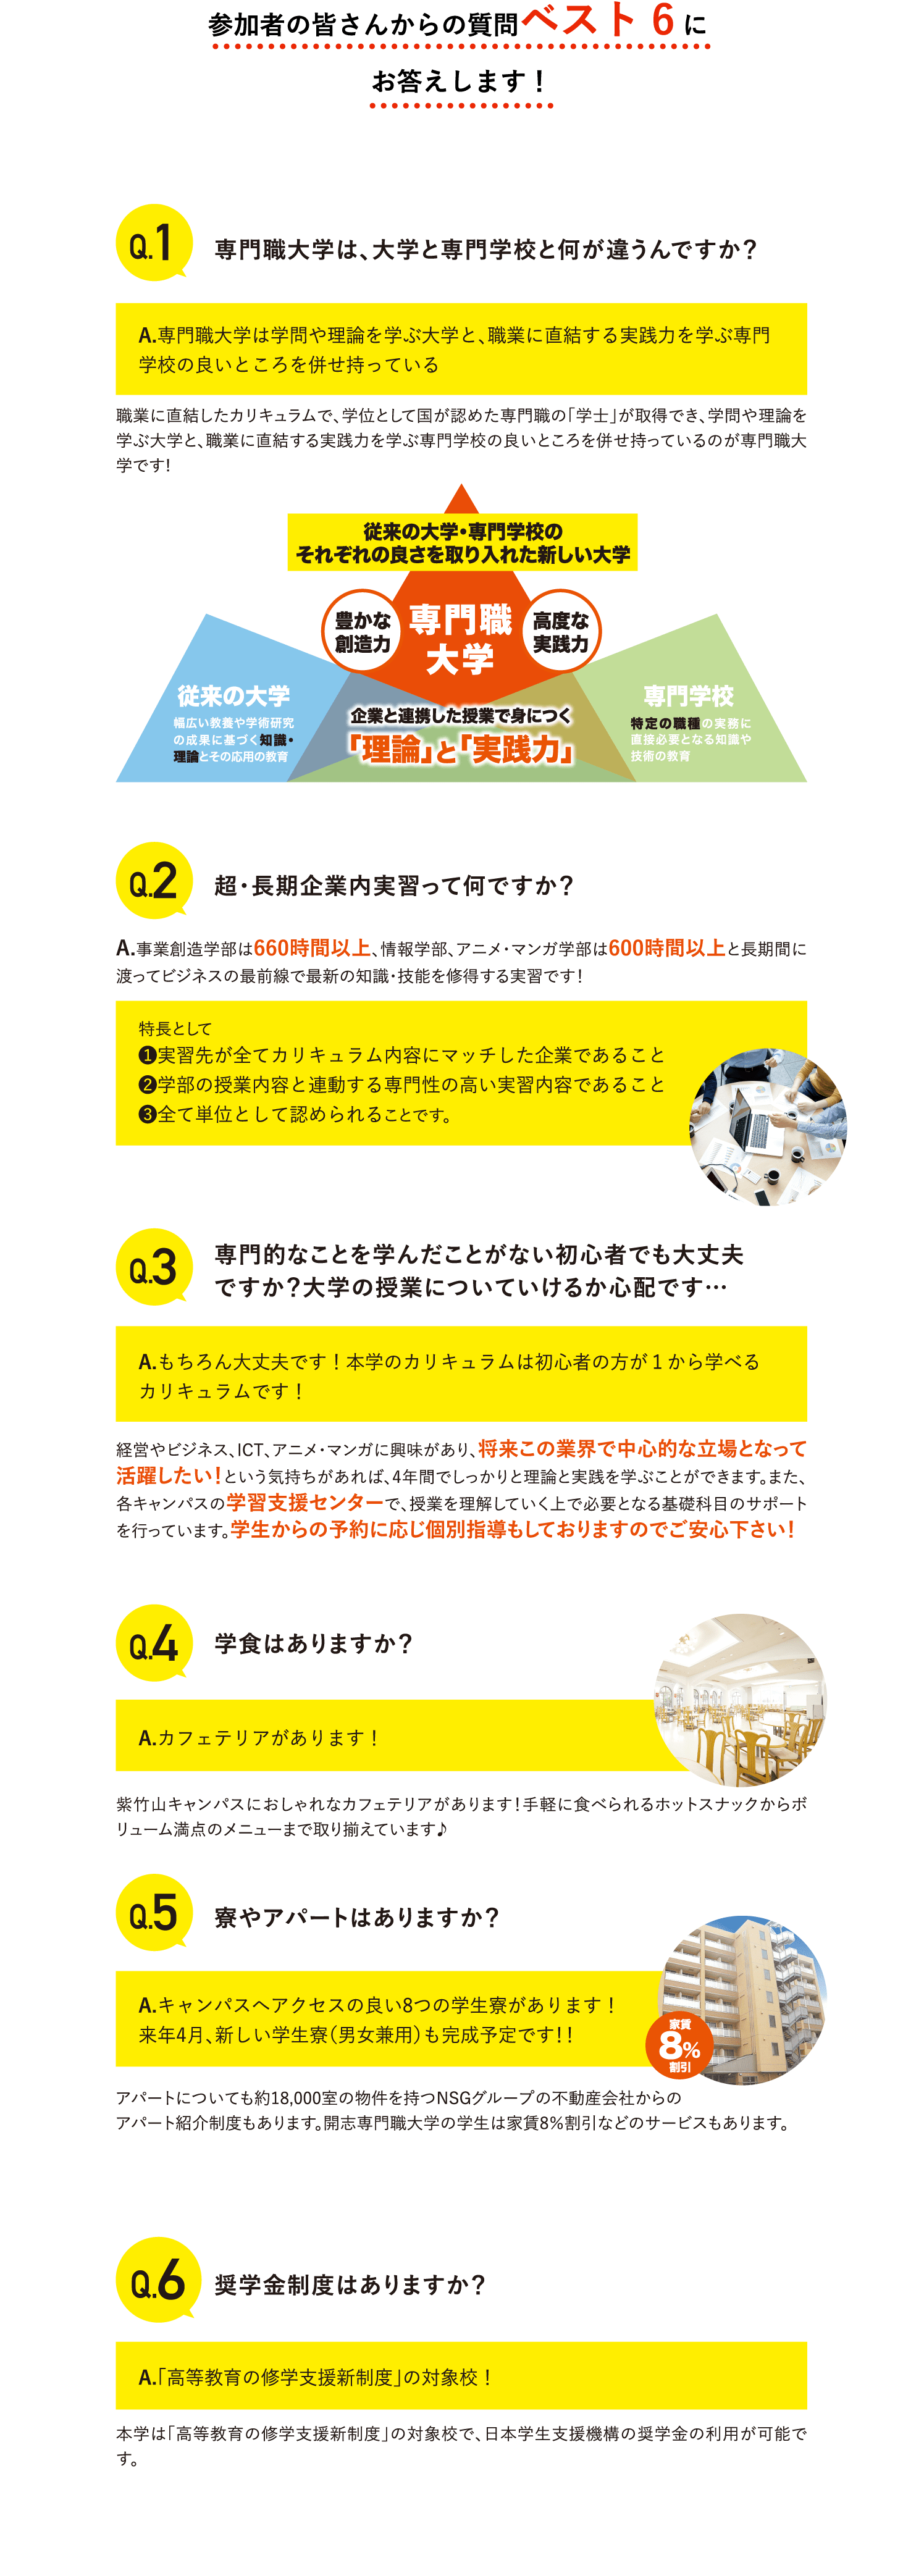 参加者の皆さんからの質問ベスト6にお答えします!